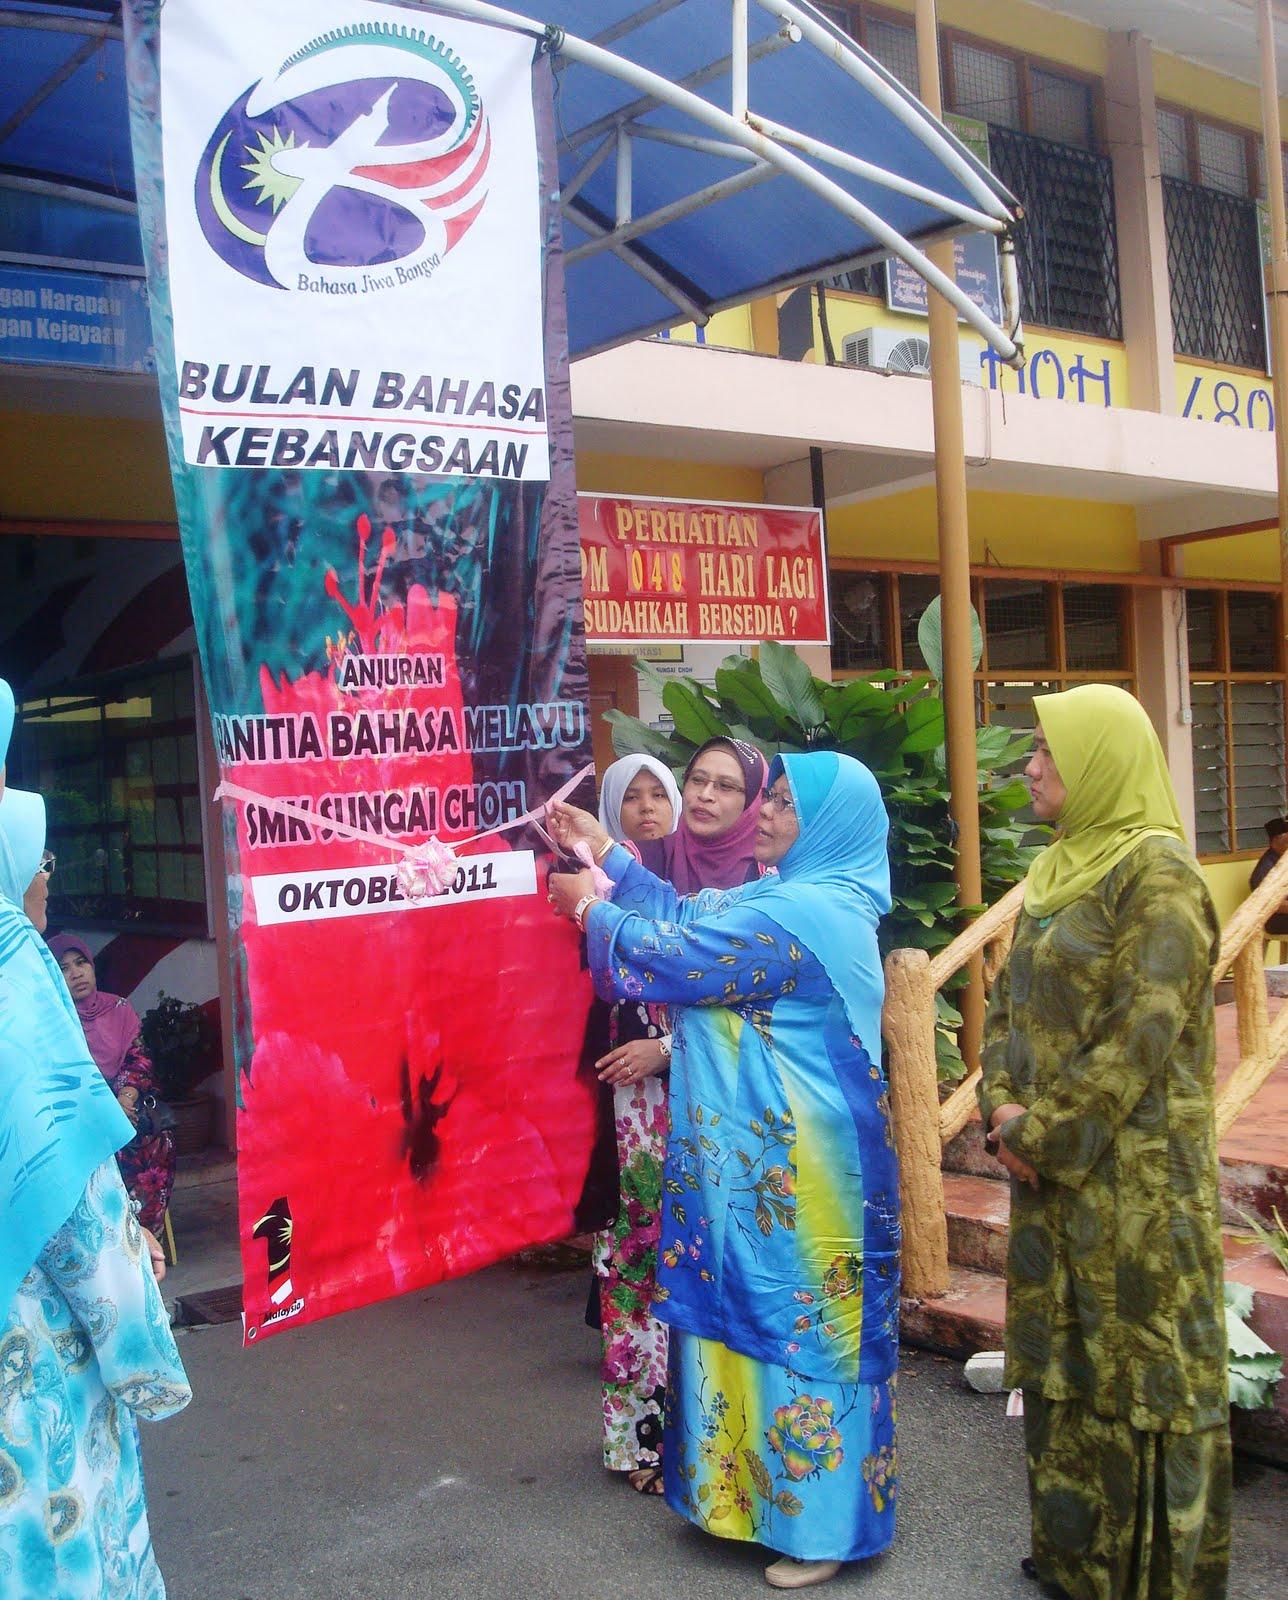 Bulan Bahasa 2011 Kempen Bulan Bahasa Kebangsaan